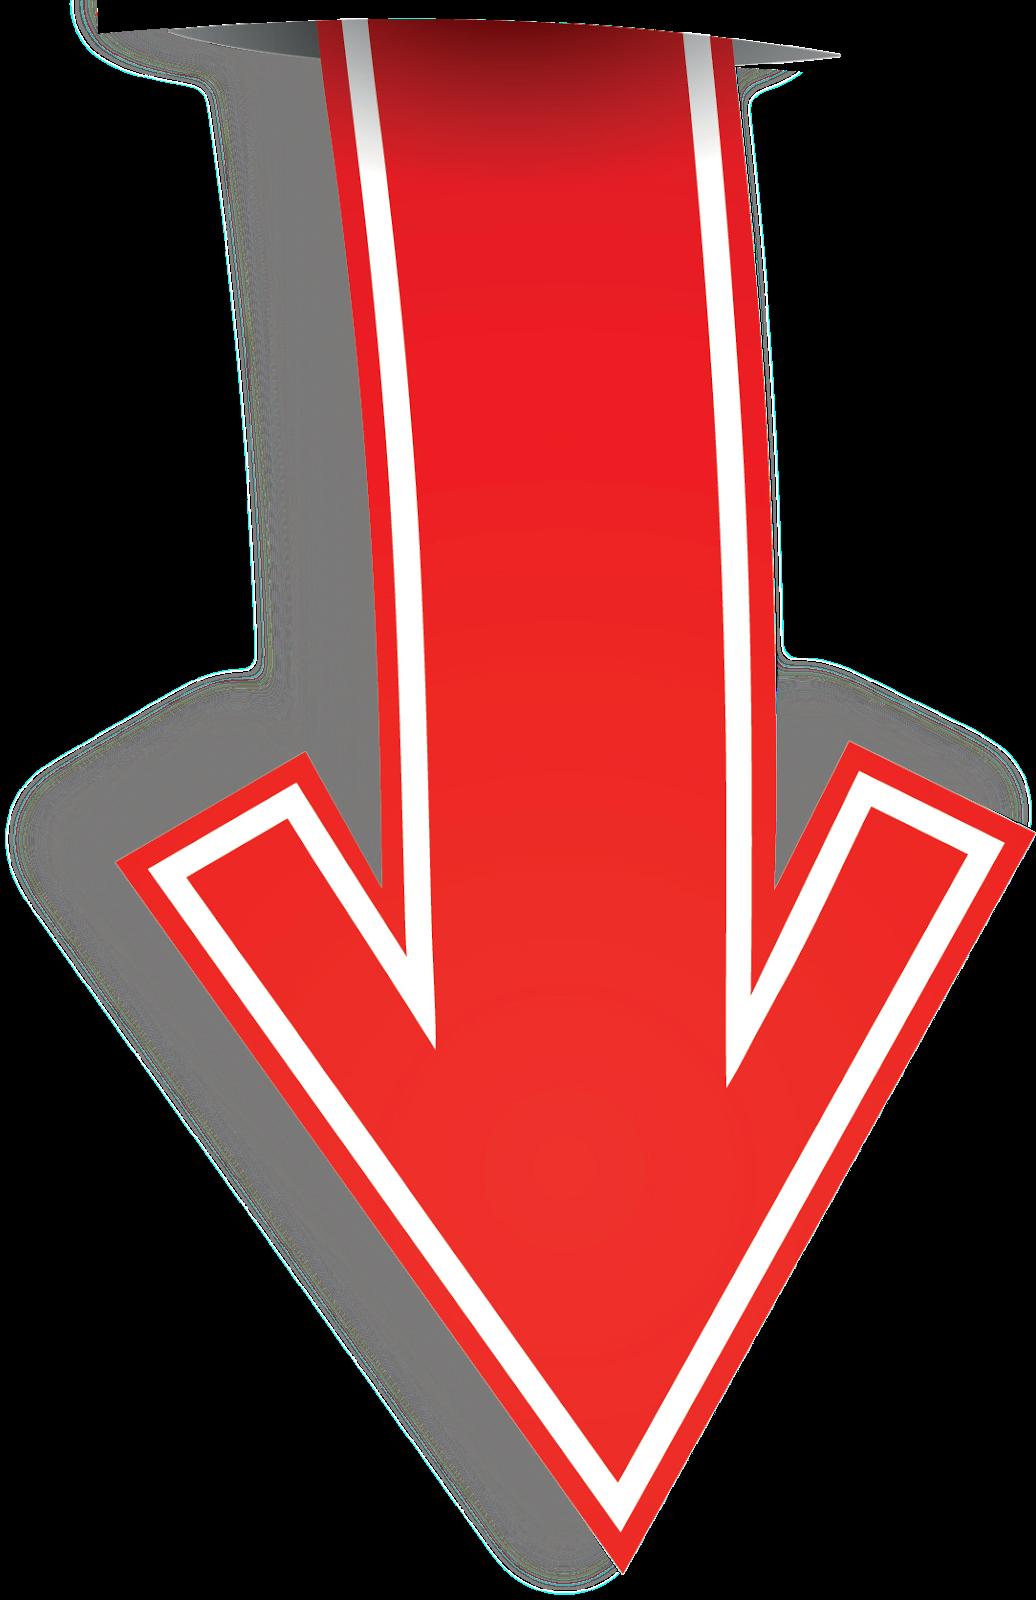 Flecha aqui png 5 » PNG Image.